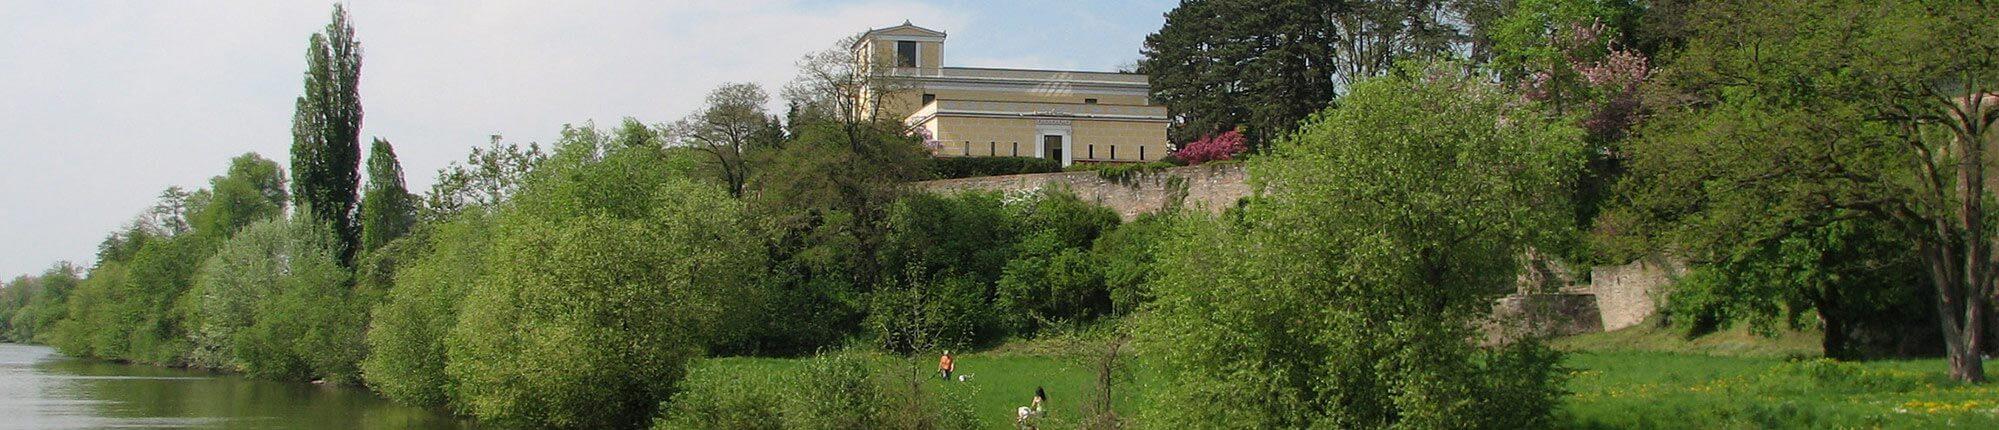 Pompejanum, Aschaffenburg, Main, Unterfranken, Spessart, Main Radweg, Radreisen